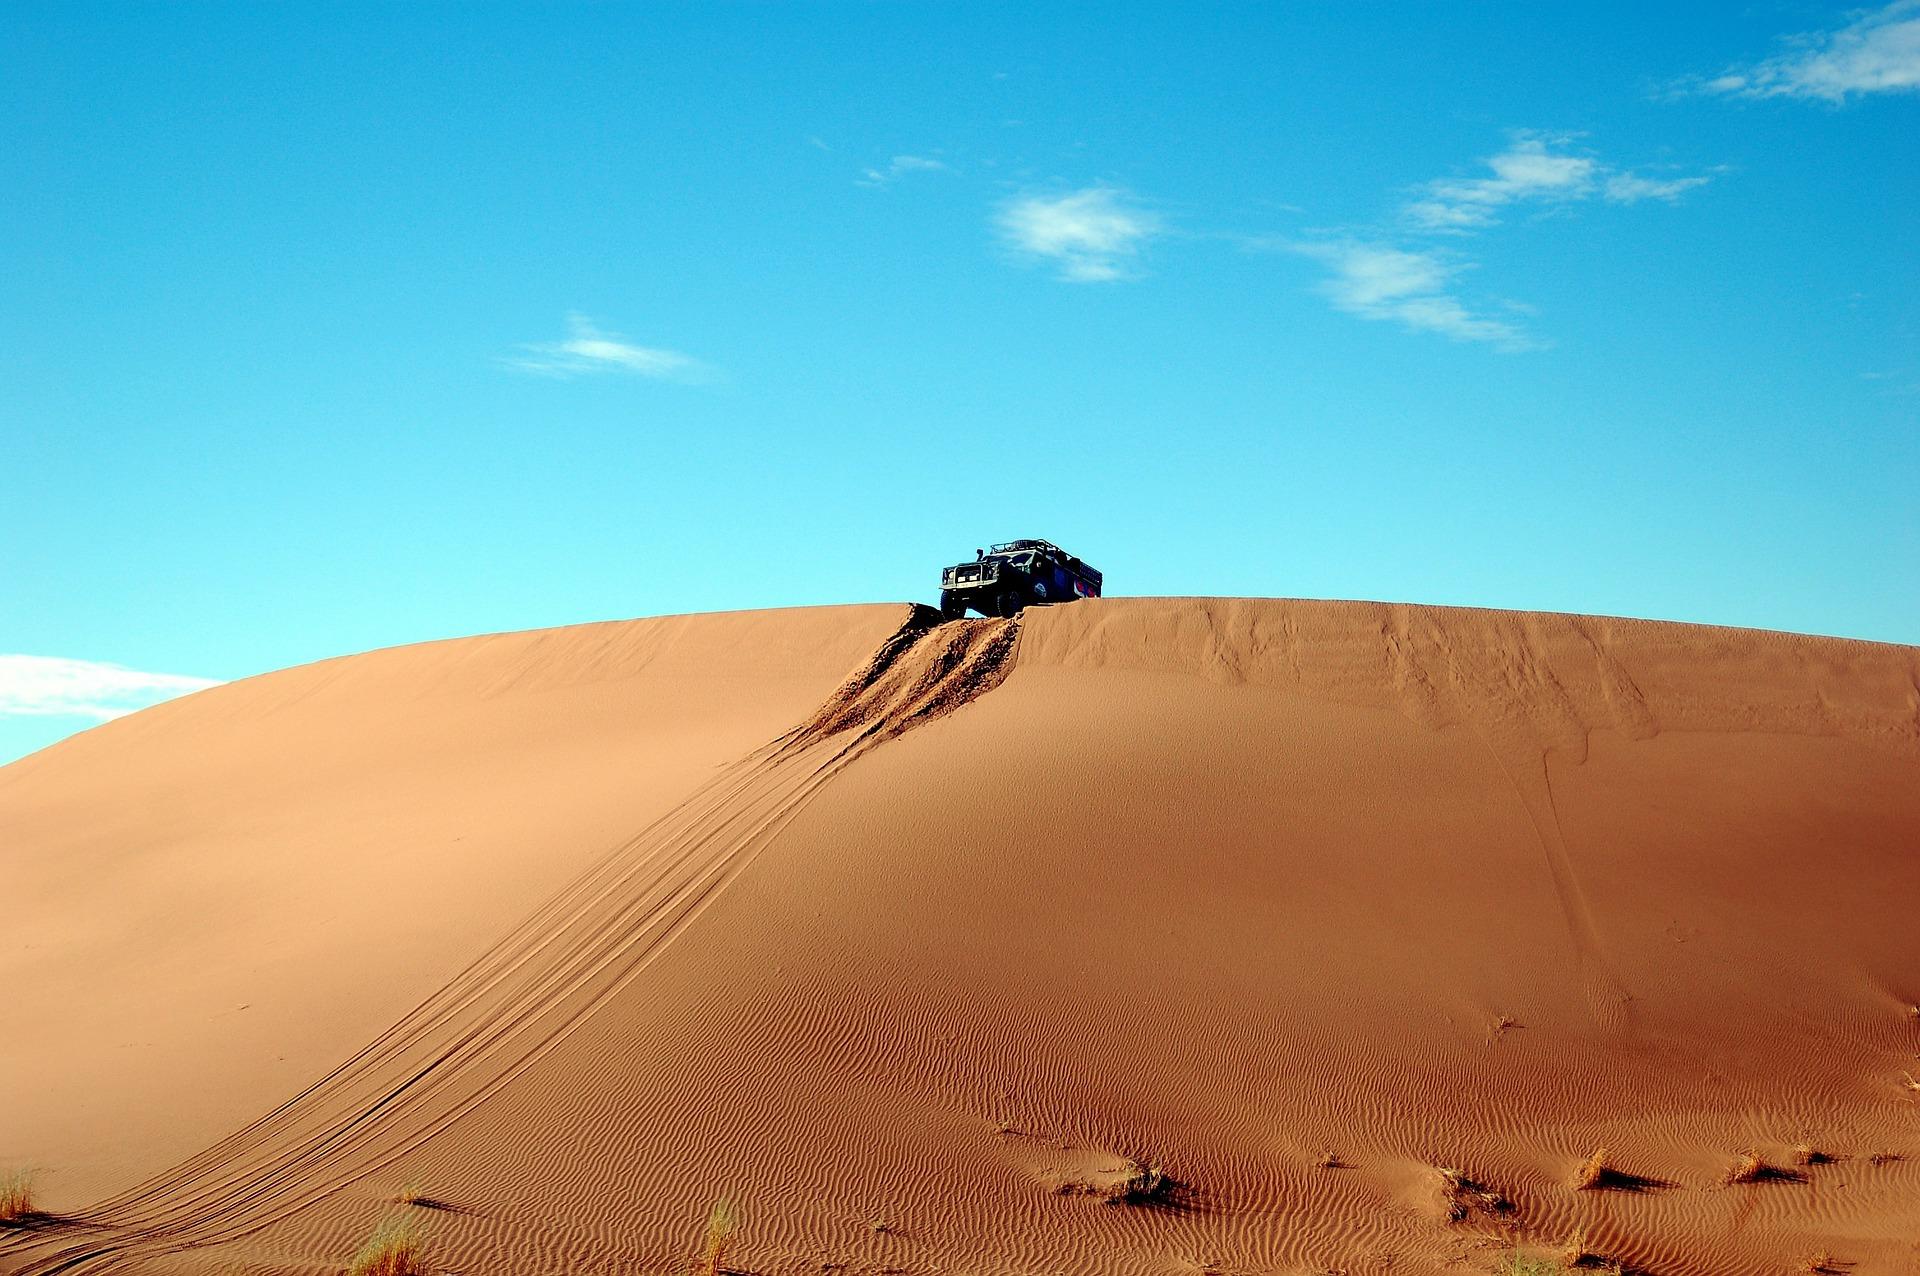 砂漠, 砂丘, 車, 砂, 空, リスク, ブルー - HD の壁紙 - 教授-falken.com